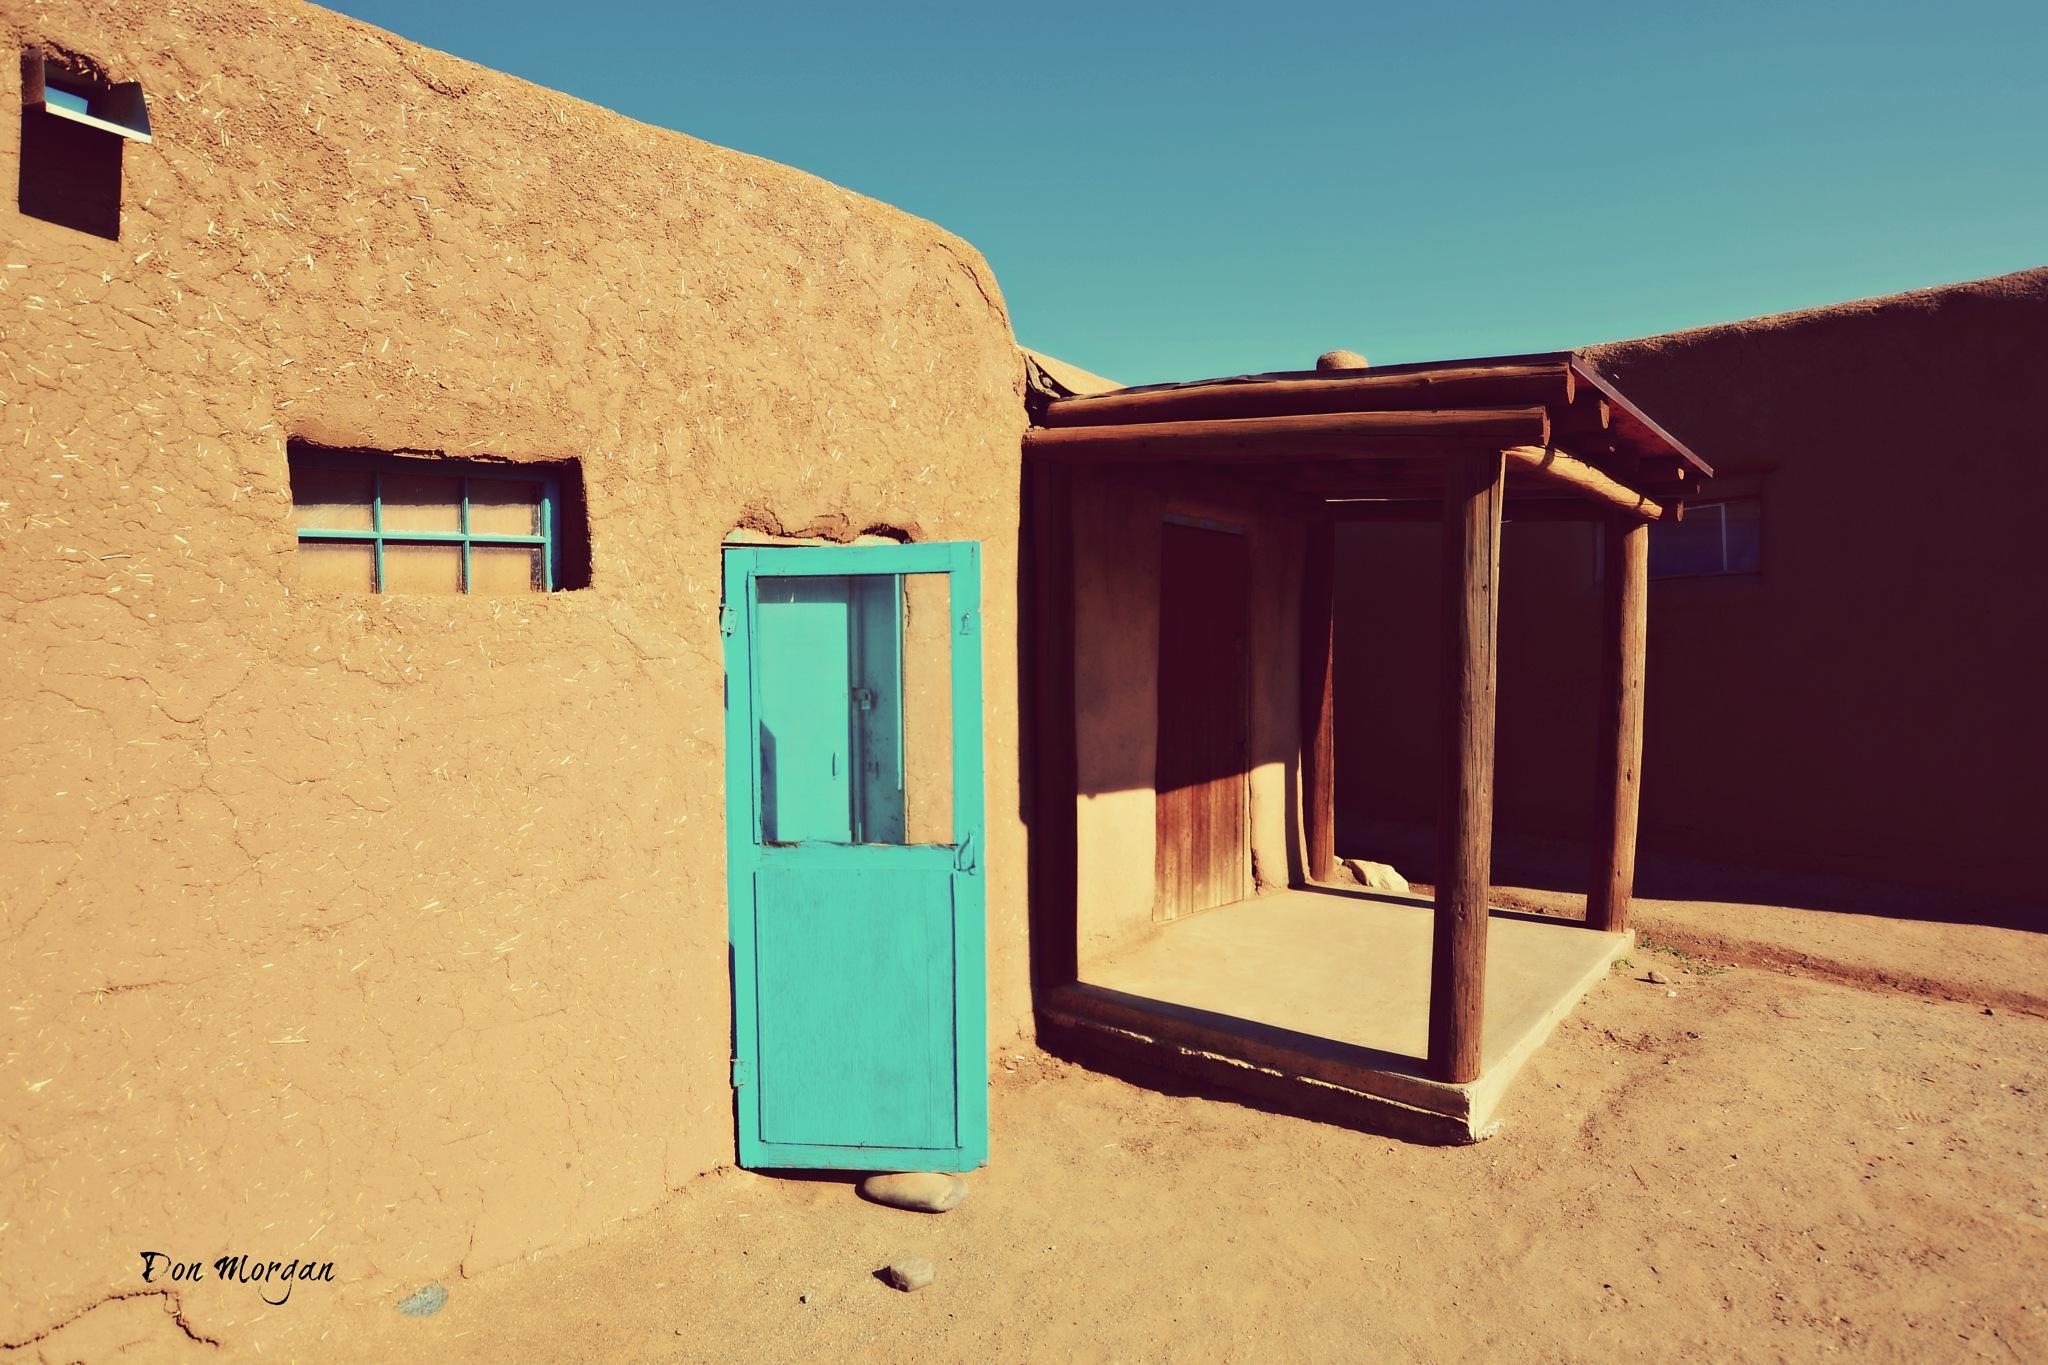 Taos Pueblo, New Mexico, USA by donmorgan66